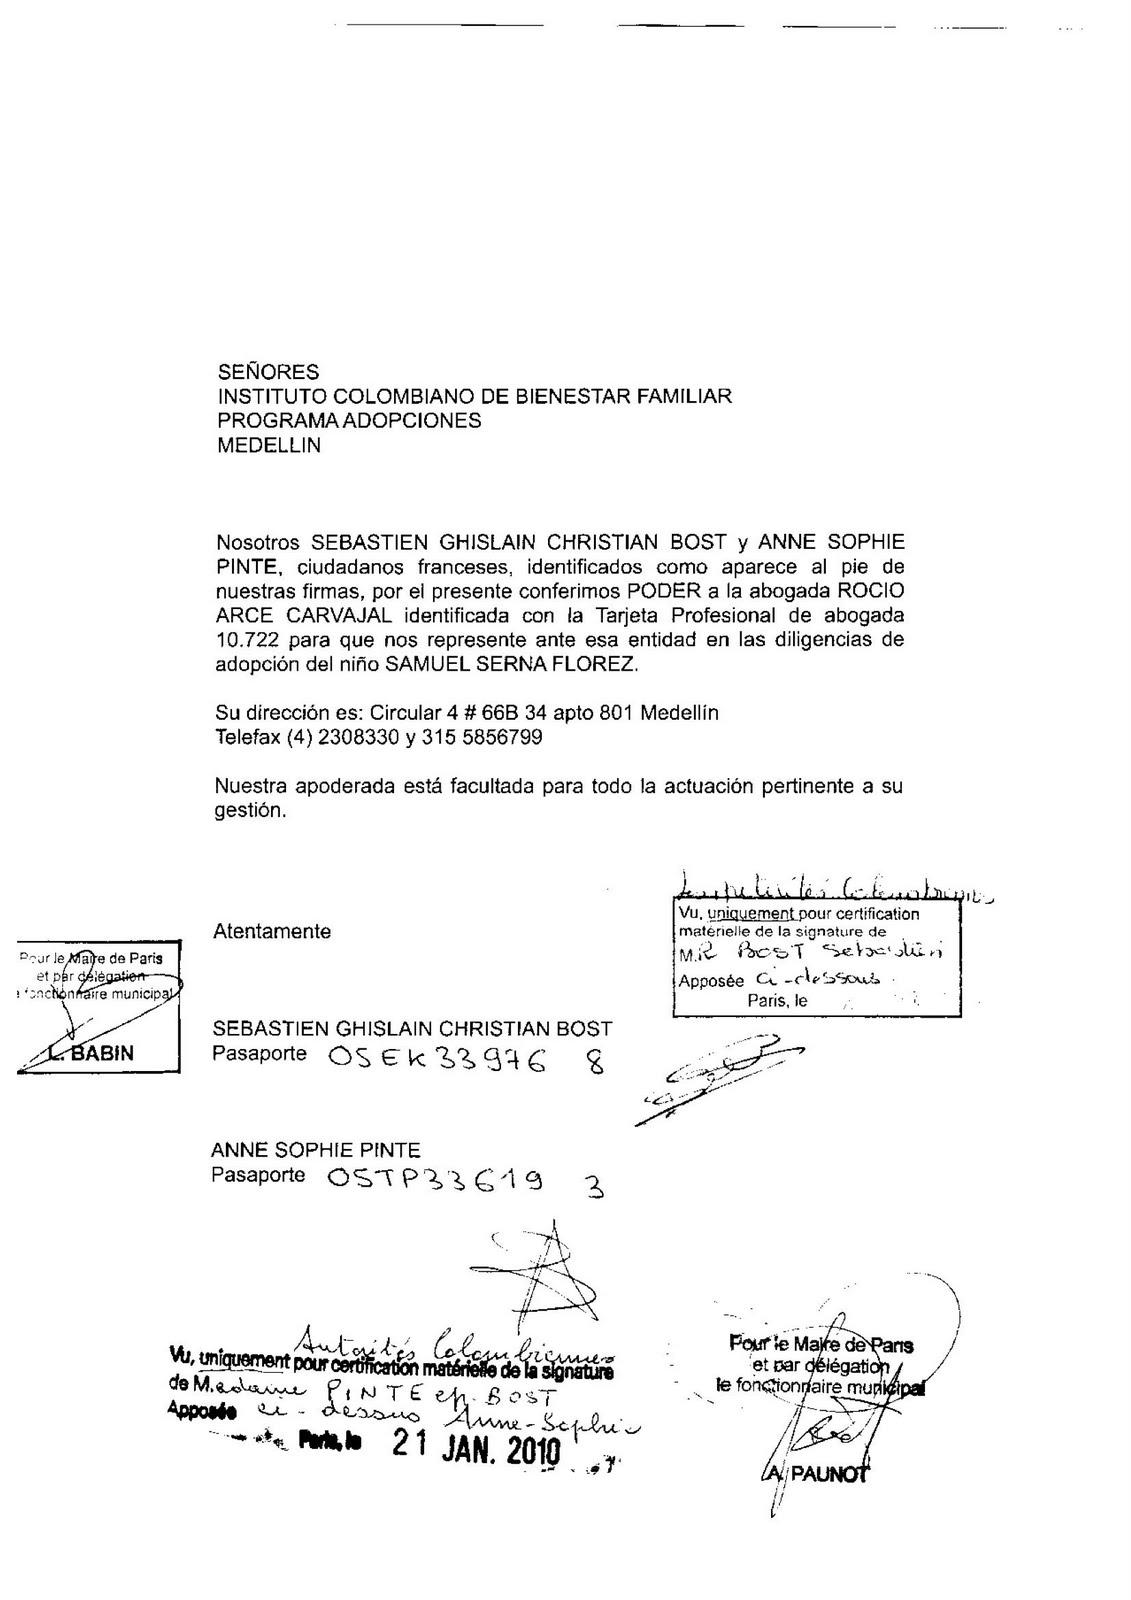 Adopter à Medellín: Exemple de Poder (procuration)